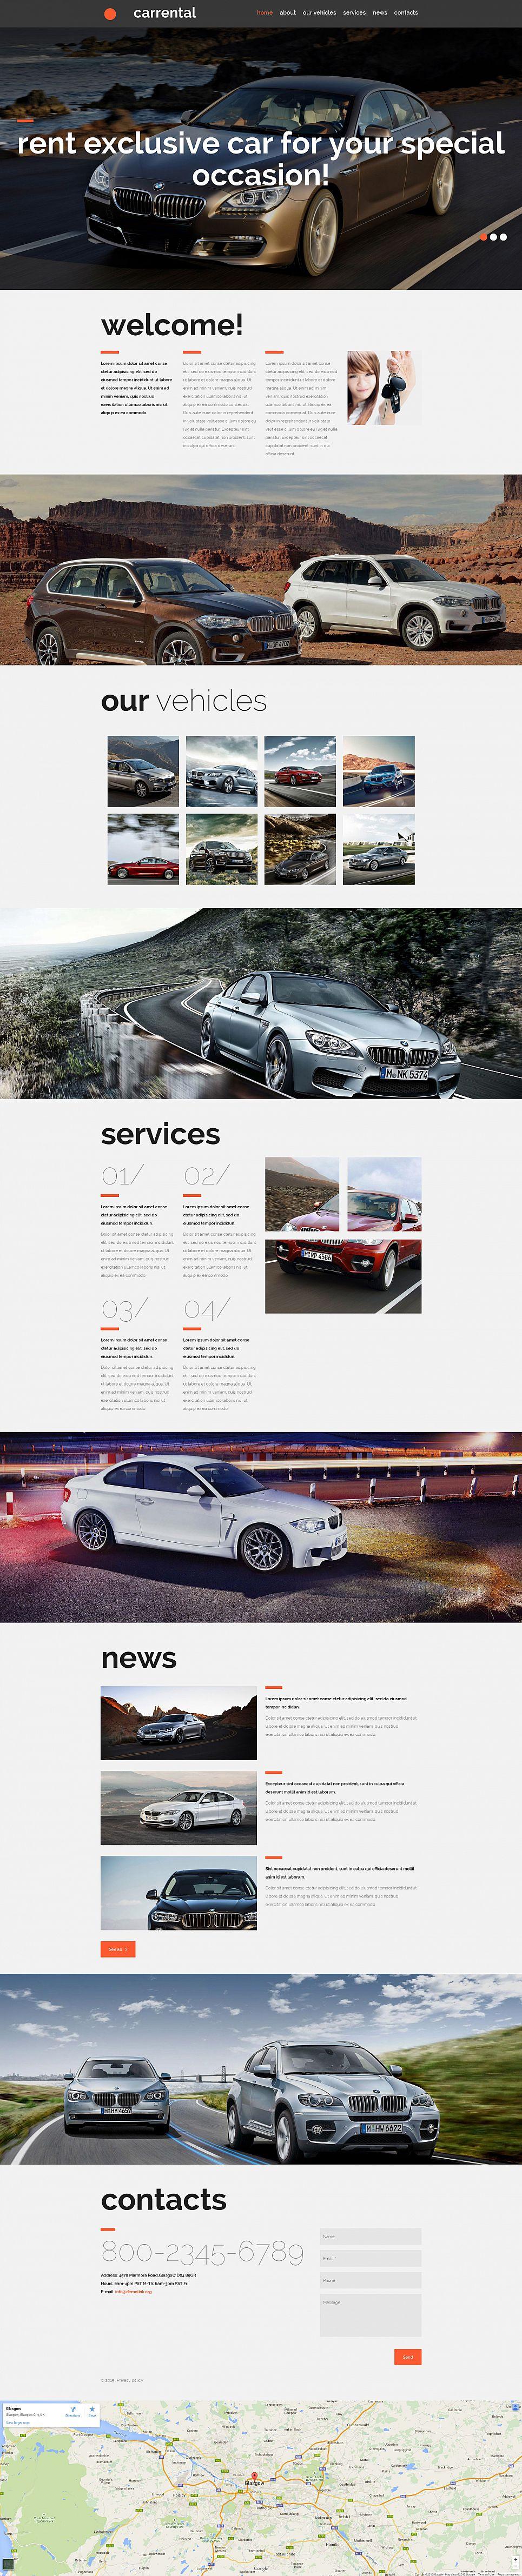 Сайт для фирмы по прокату автомобилей - image